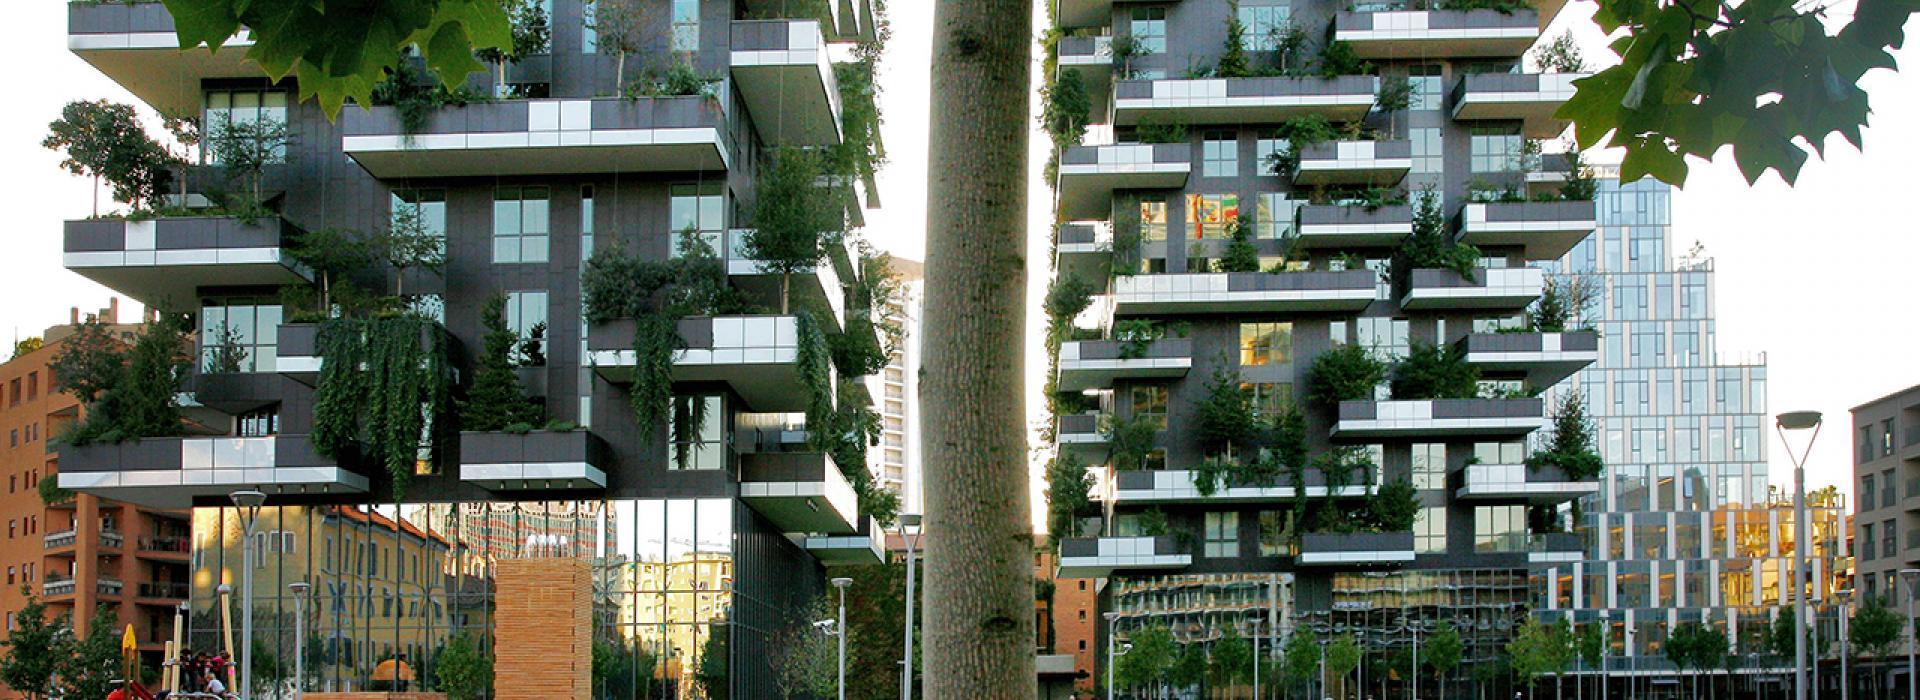 Una occasione per trasformare il tuo giardino in un oasi green